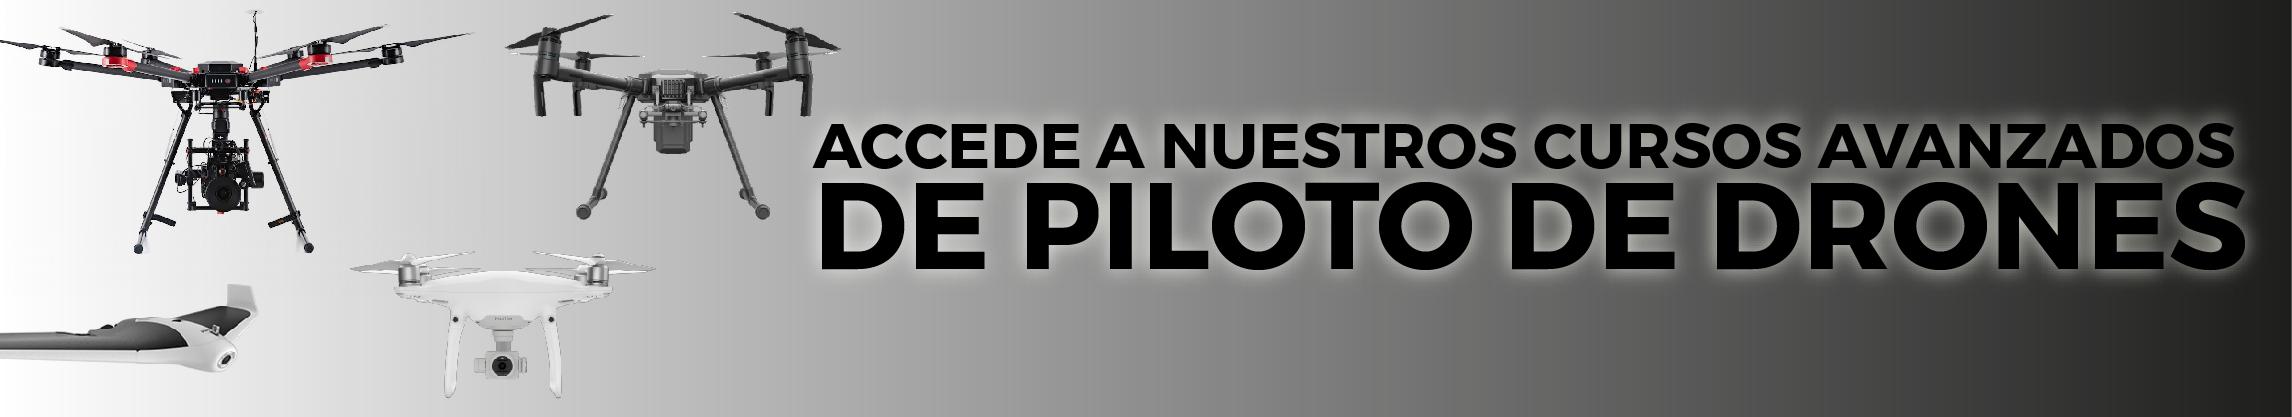 curso piloto de drones-01